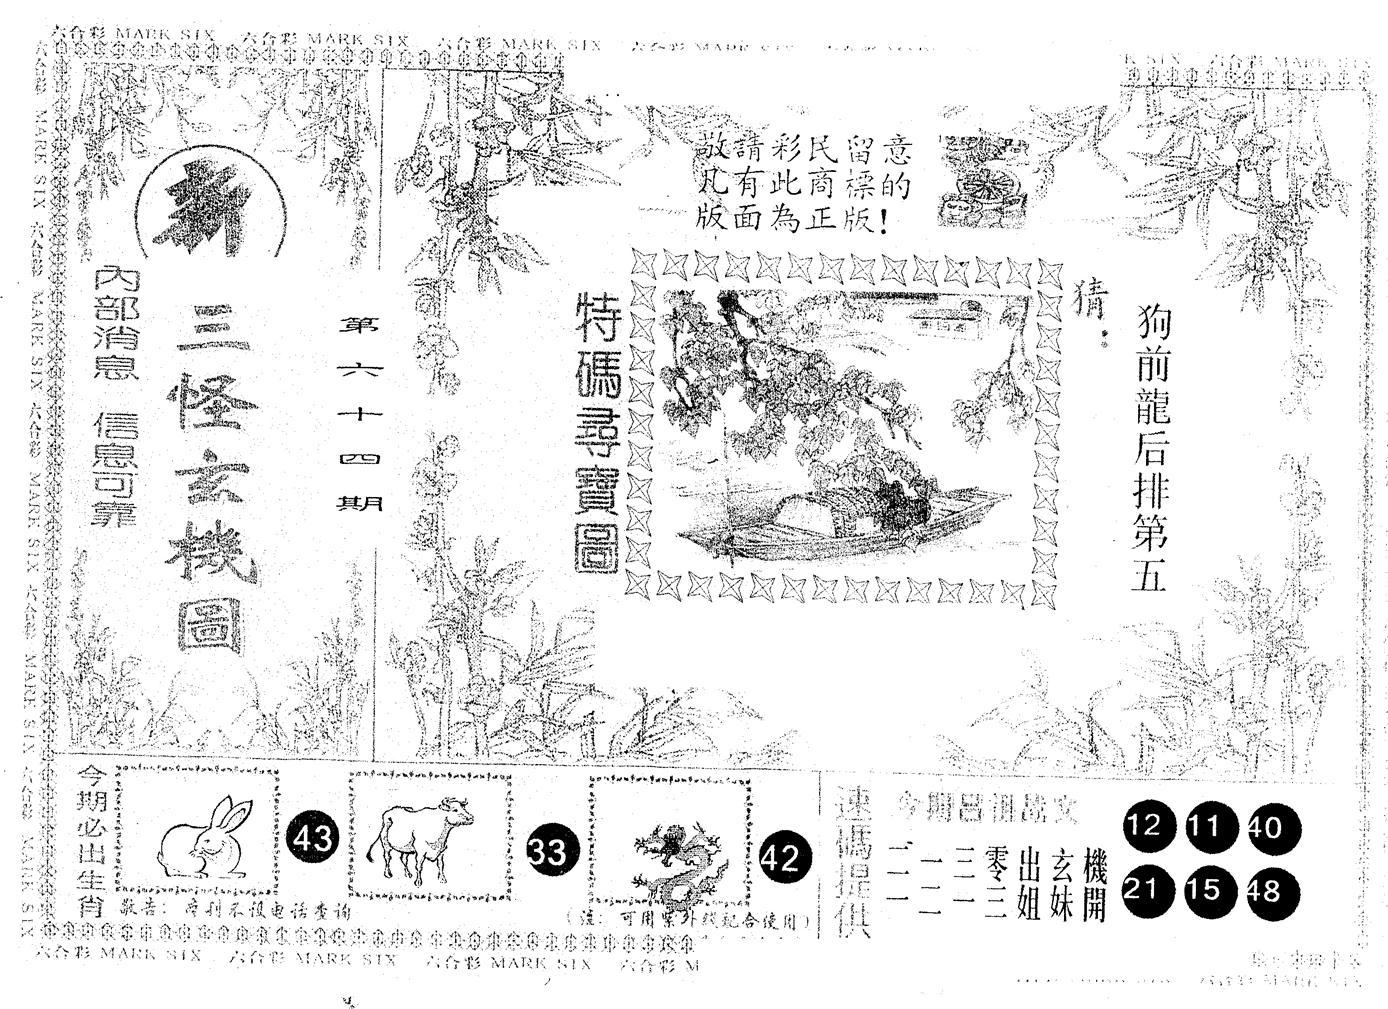 064期另版新三怪(黑白)